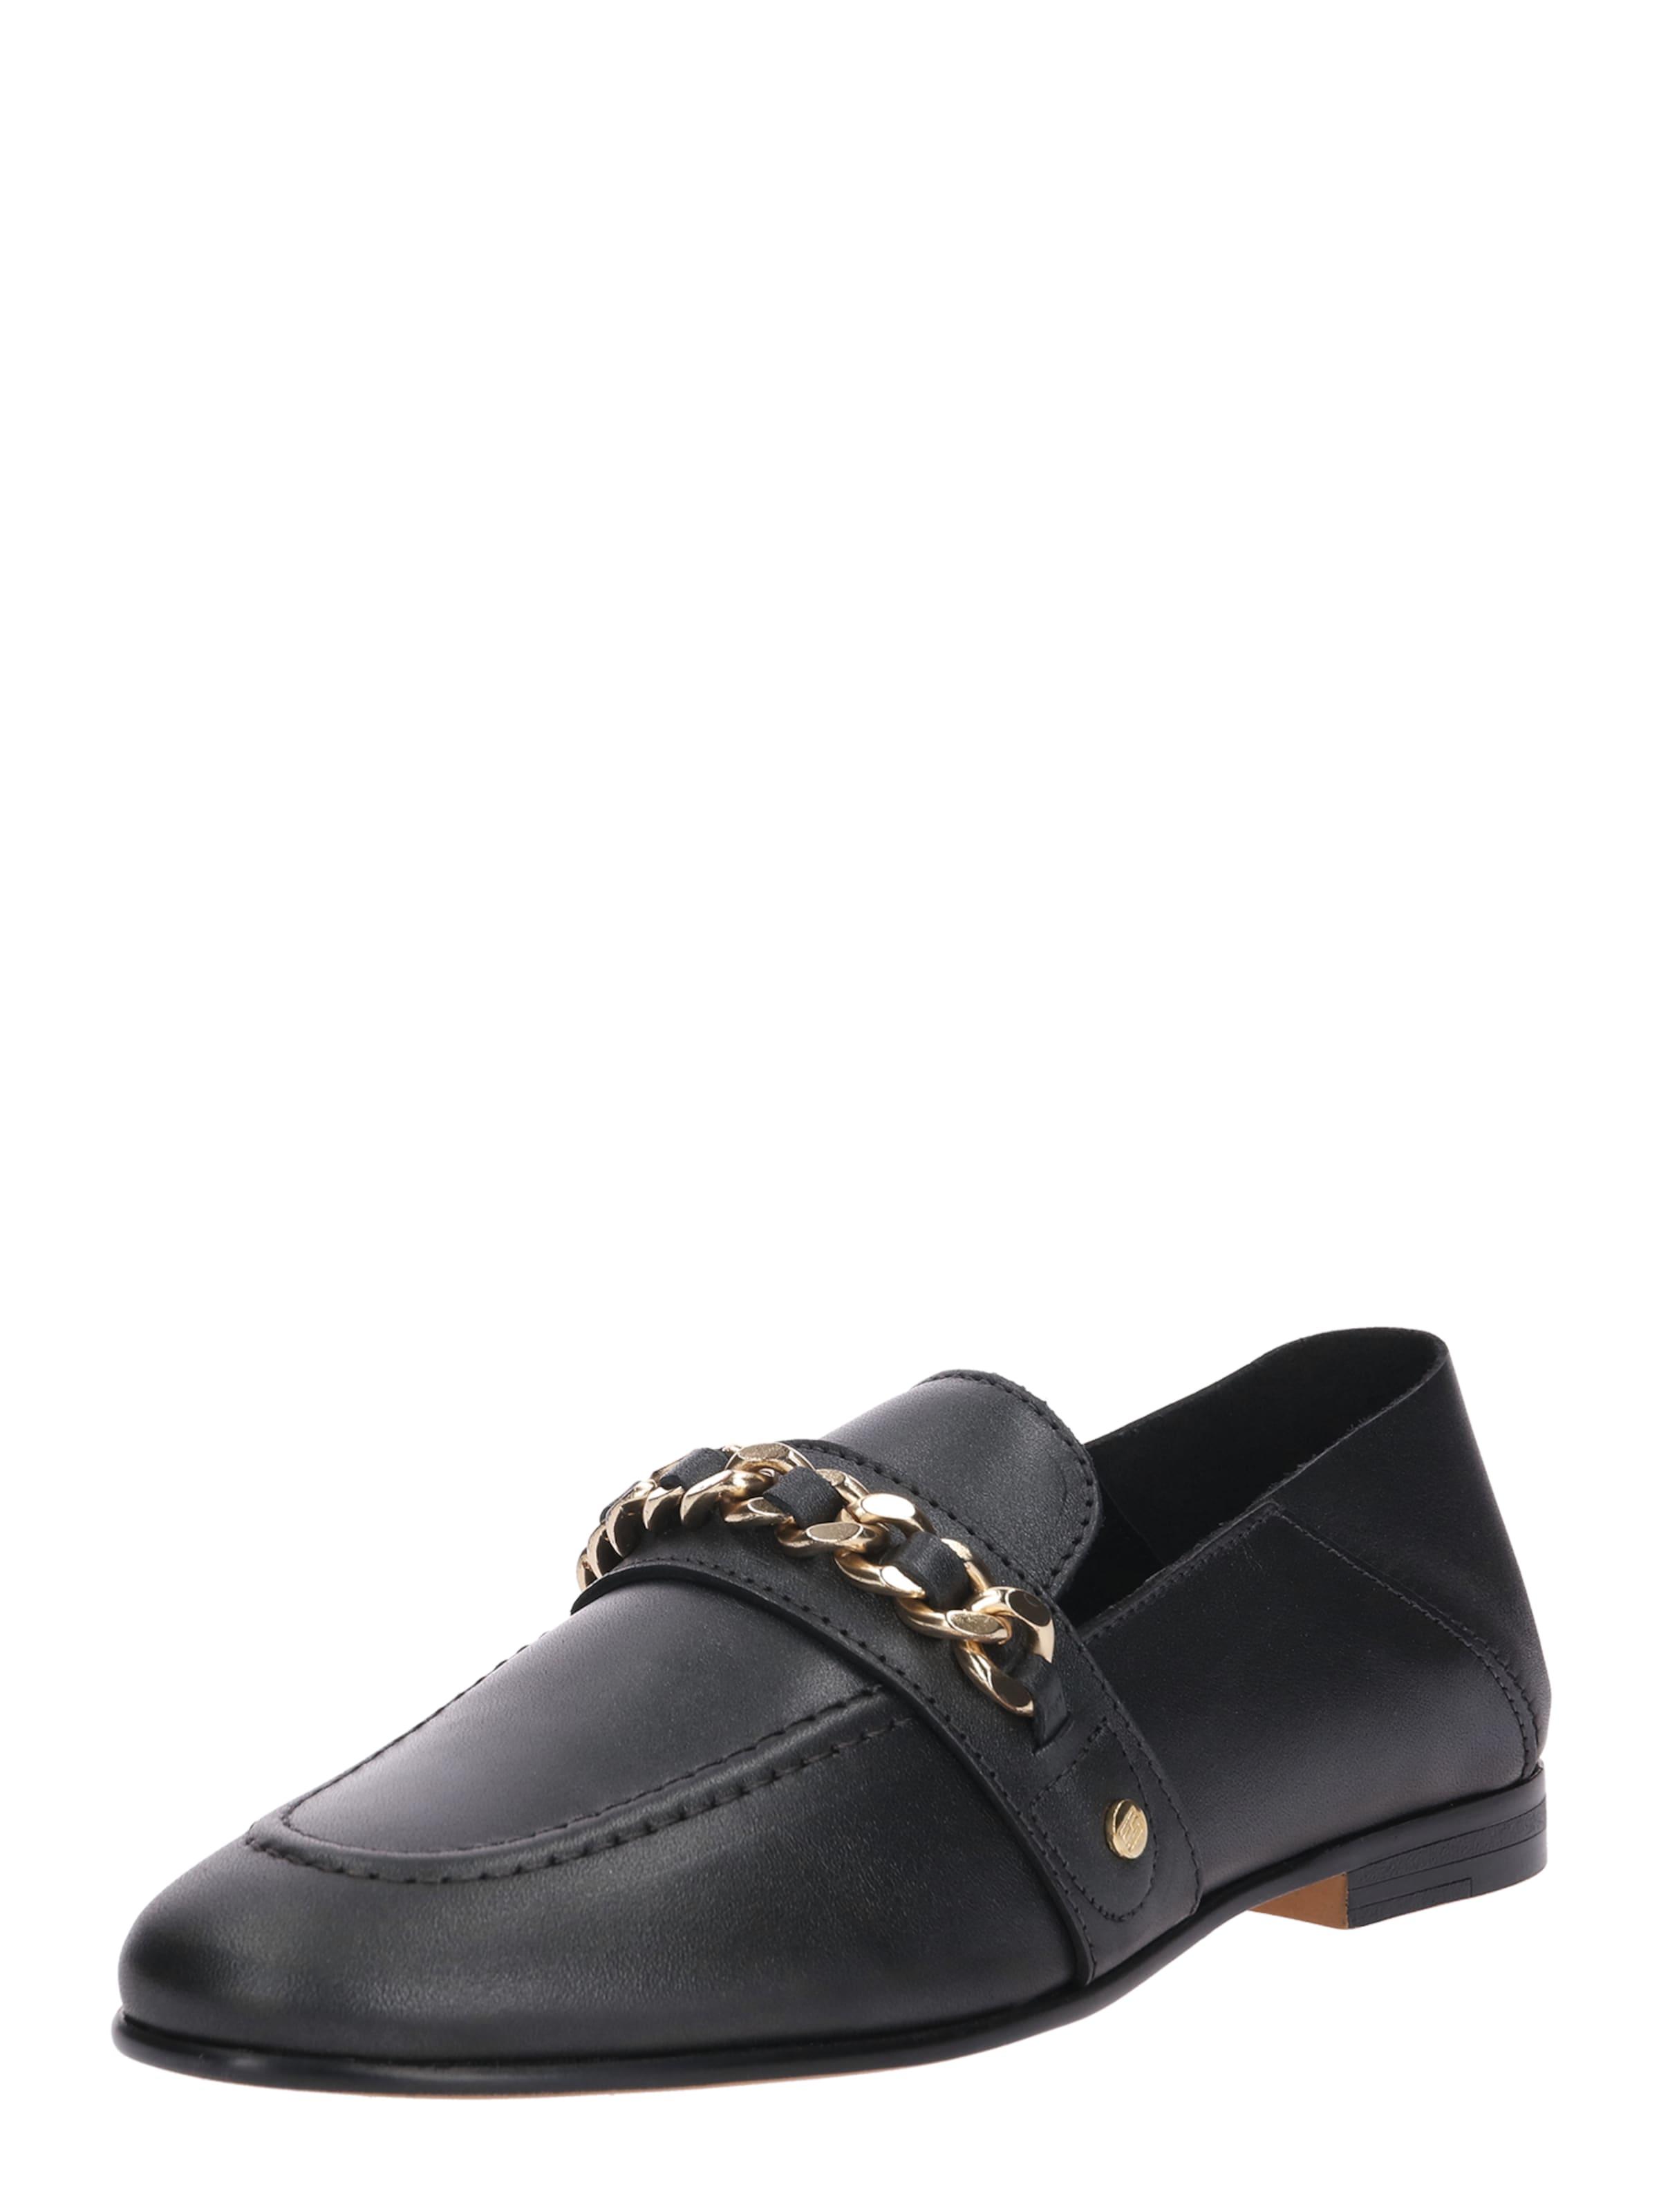 TOMMY HILFIGER Slipper Verschleißfeste billige Schuhe